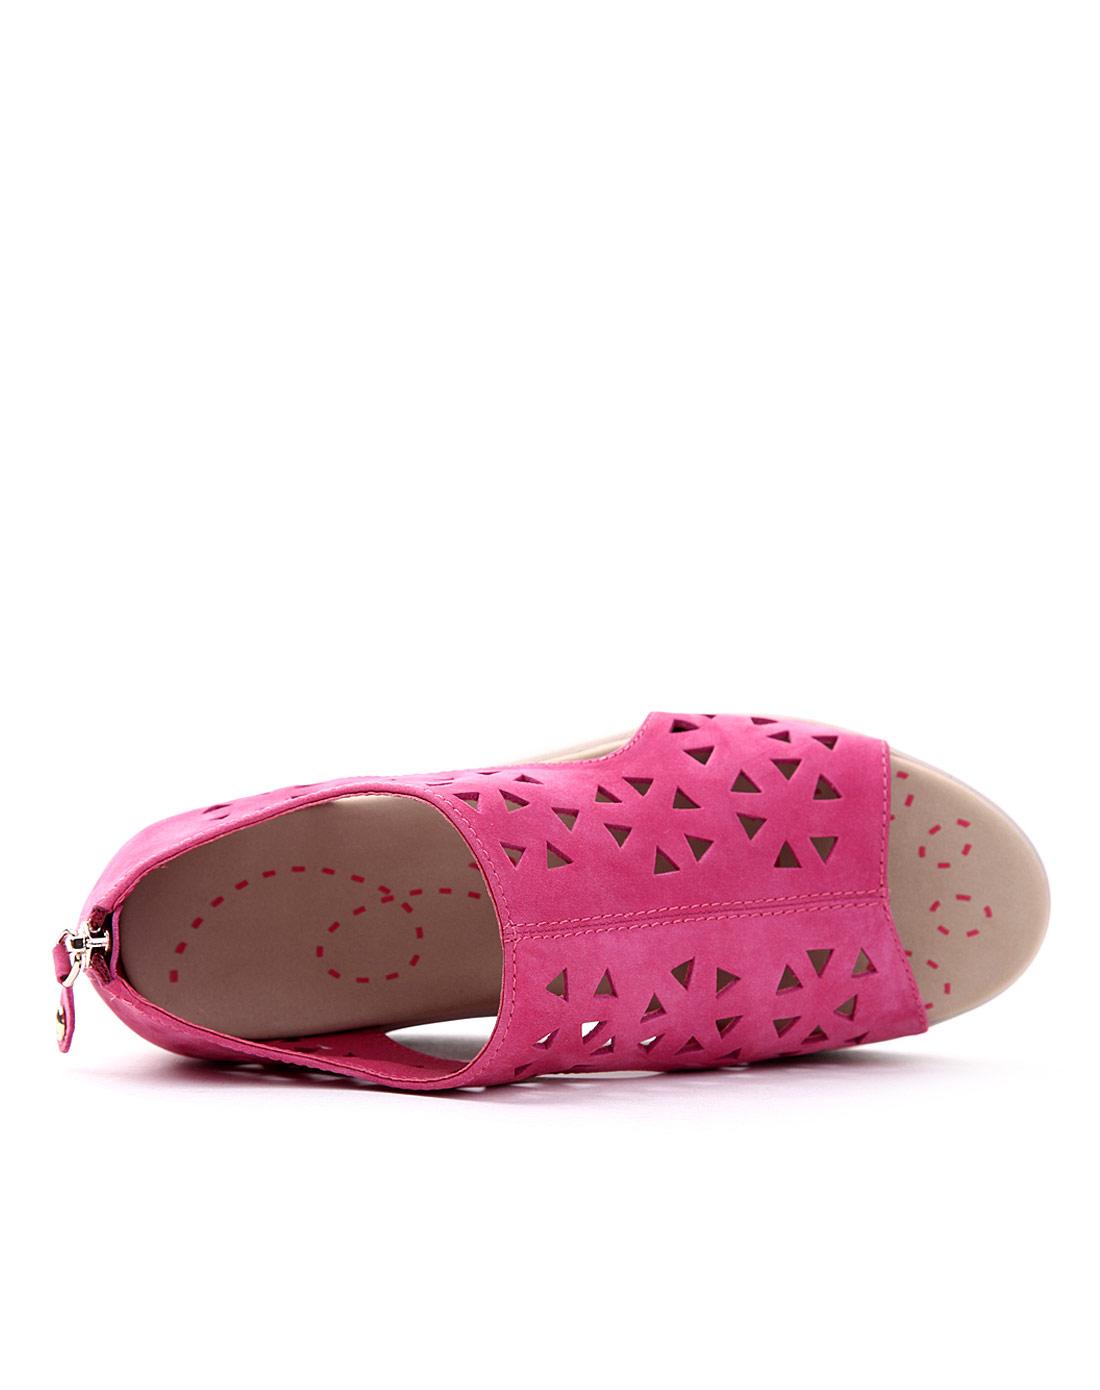 太阳舞 红色运动风镂空厚底凉鞋